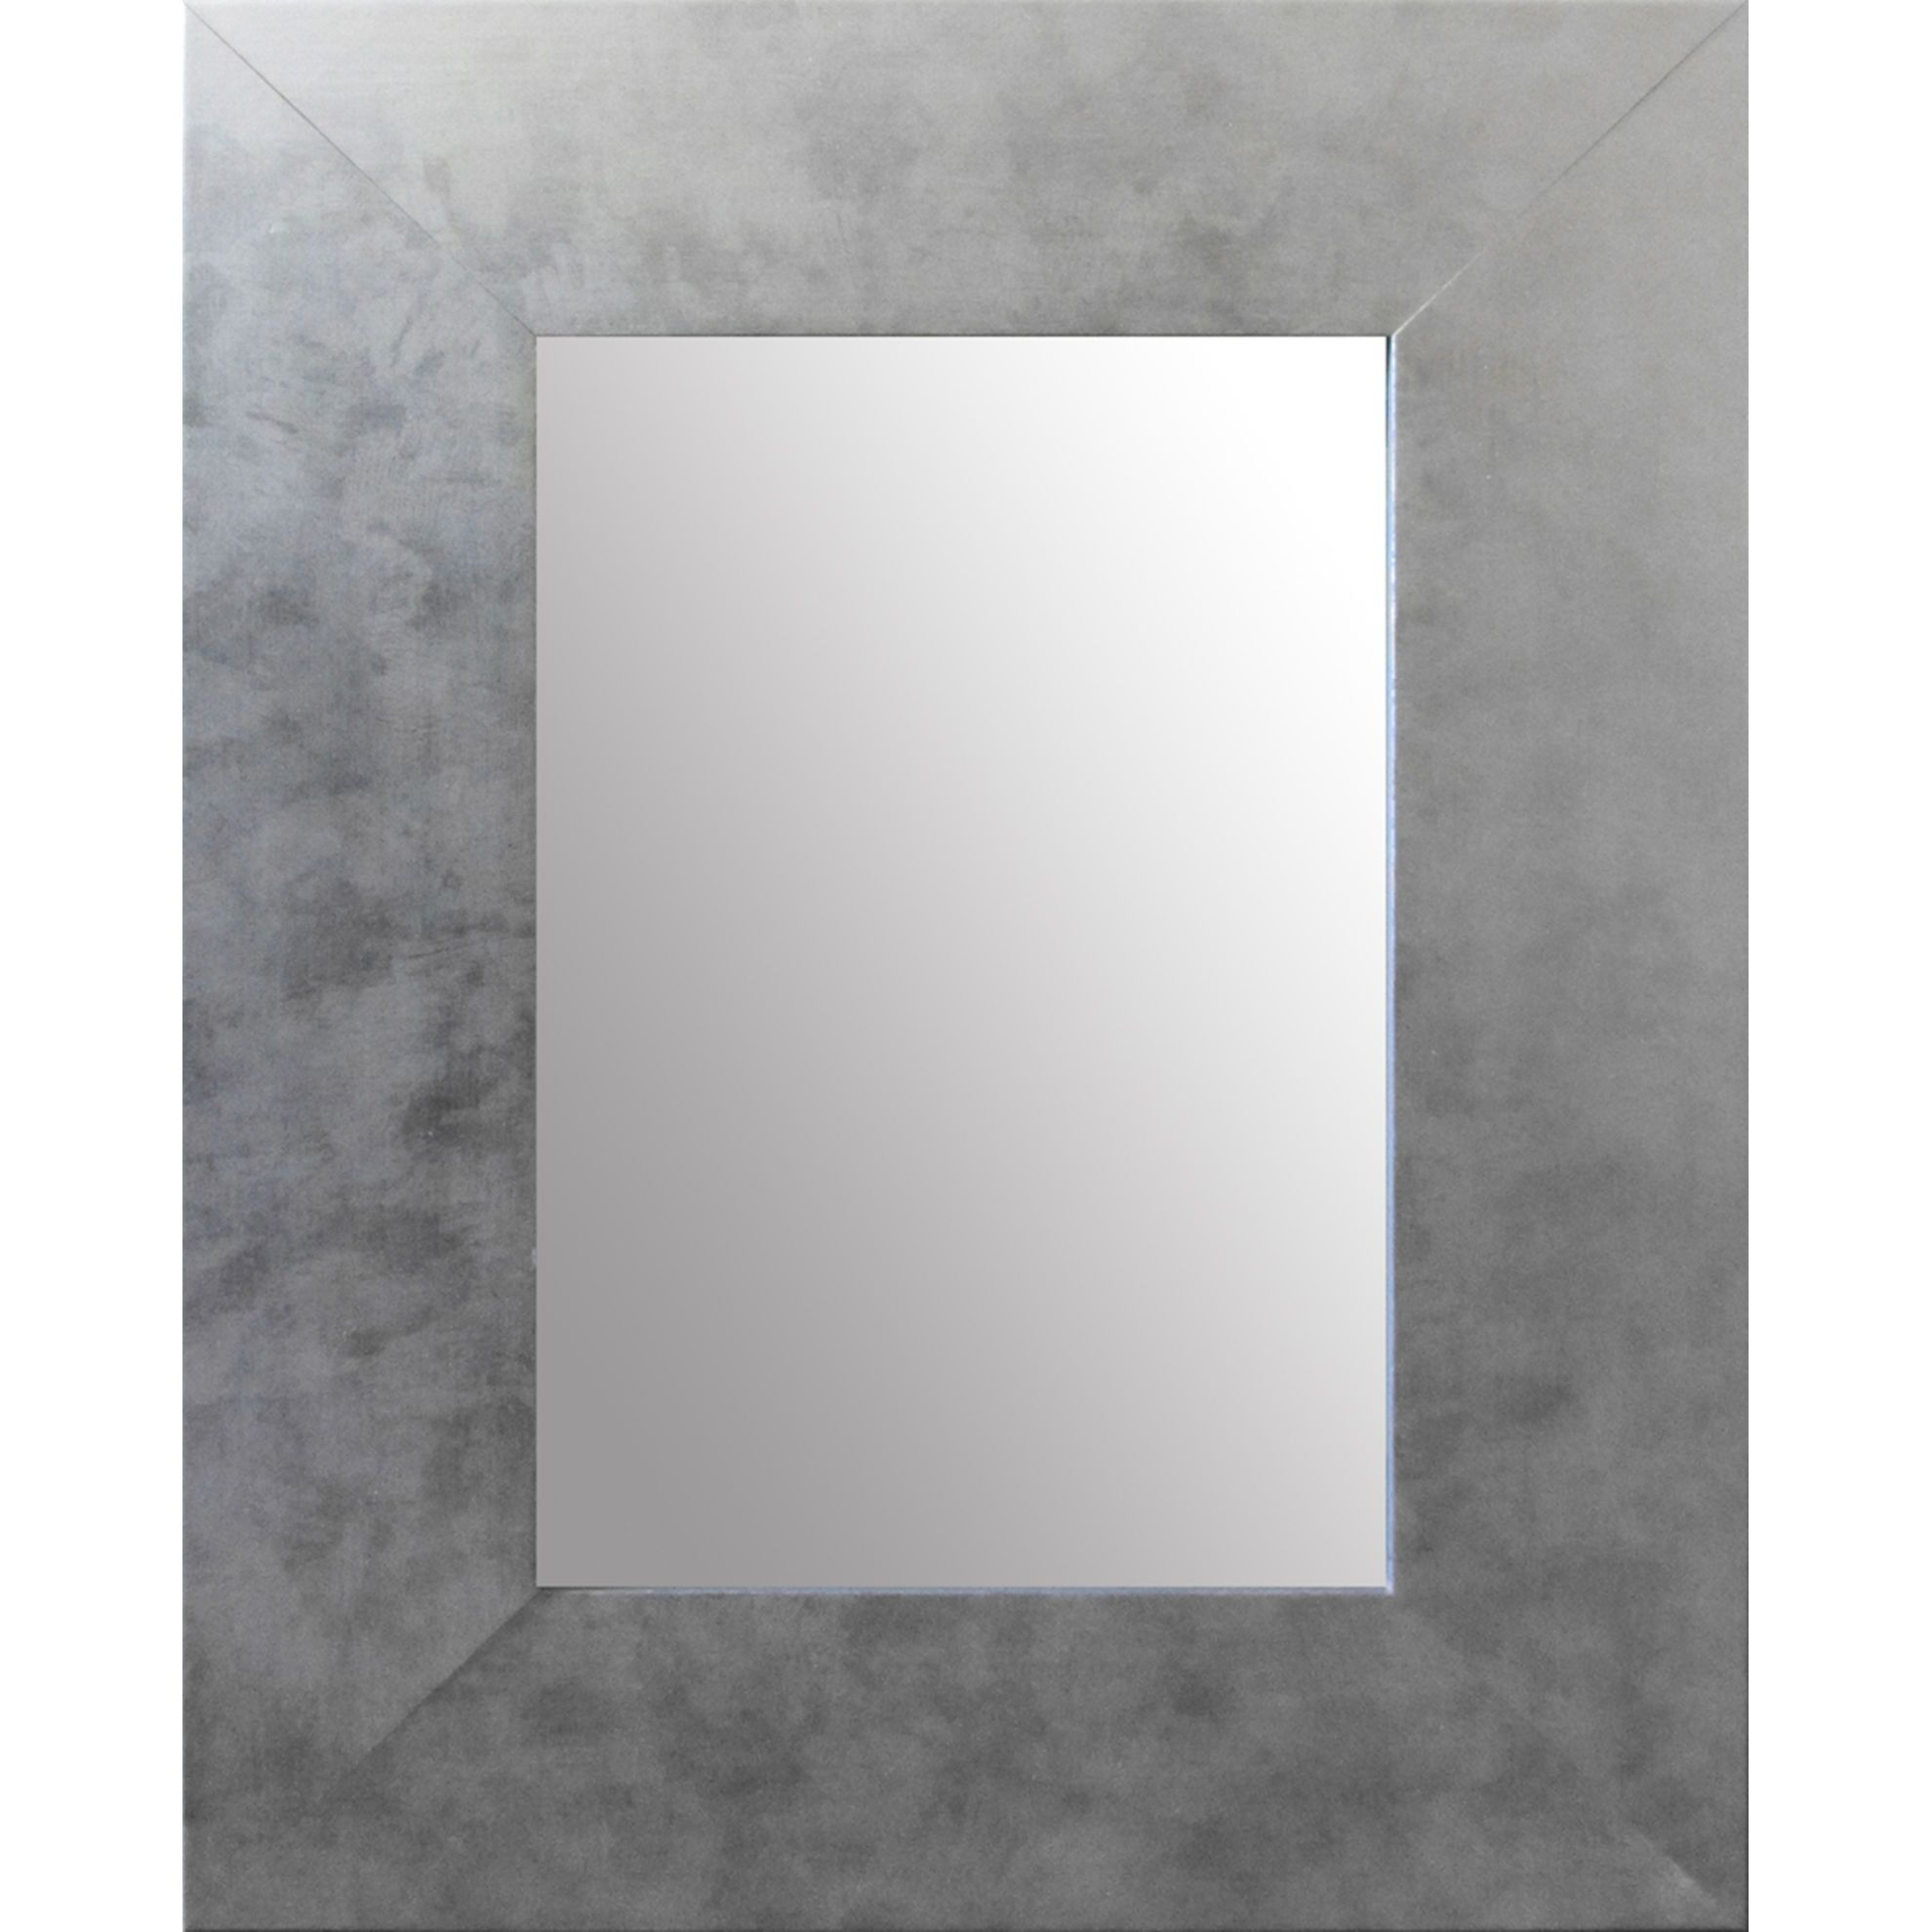 Leroy Merlin Specchi Da Parete.Specchio Da Parete Rettangolare Osakan Argento 68 X 96 Cm